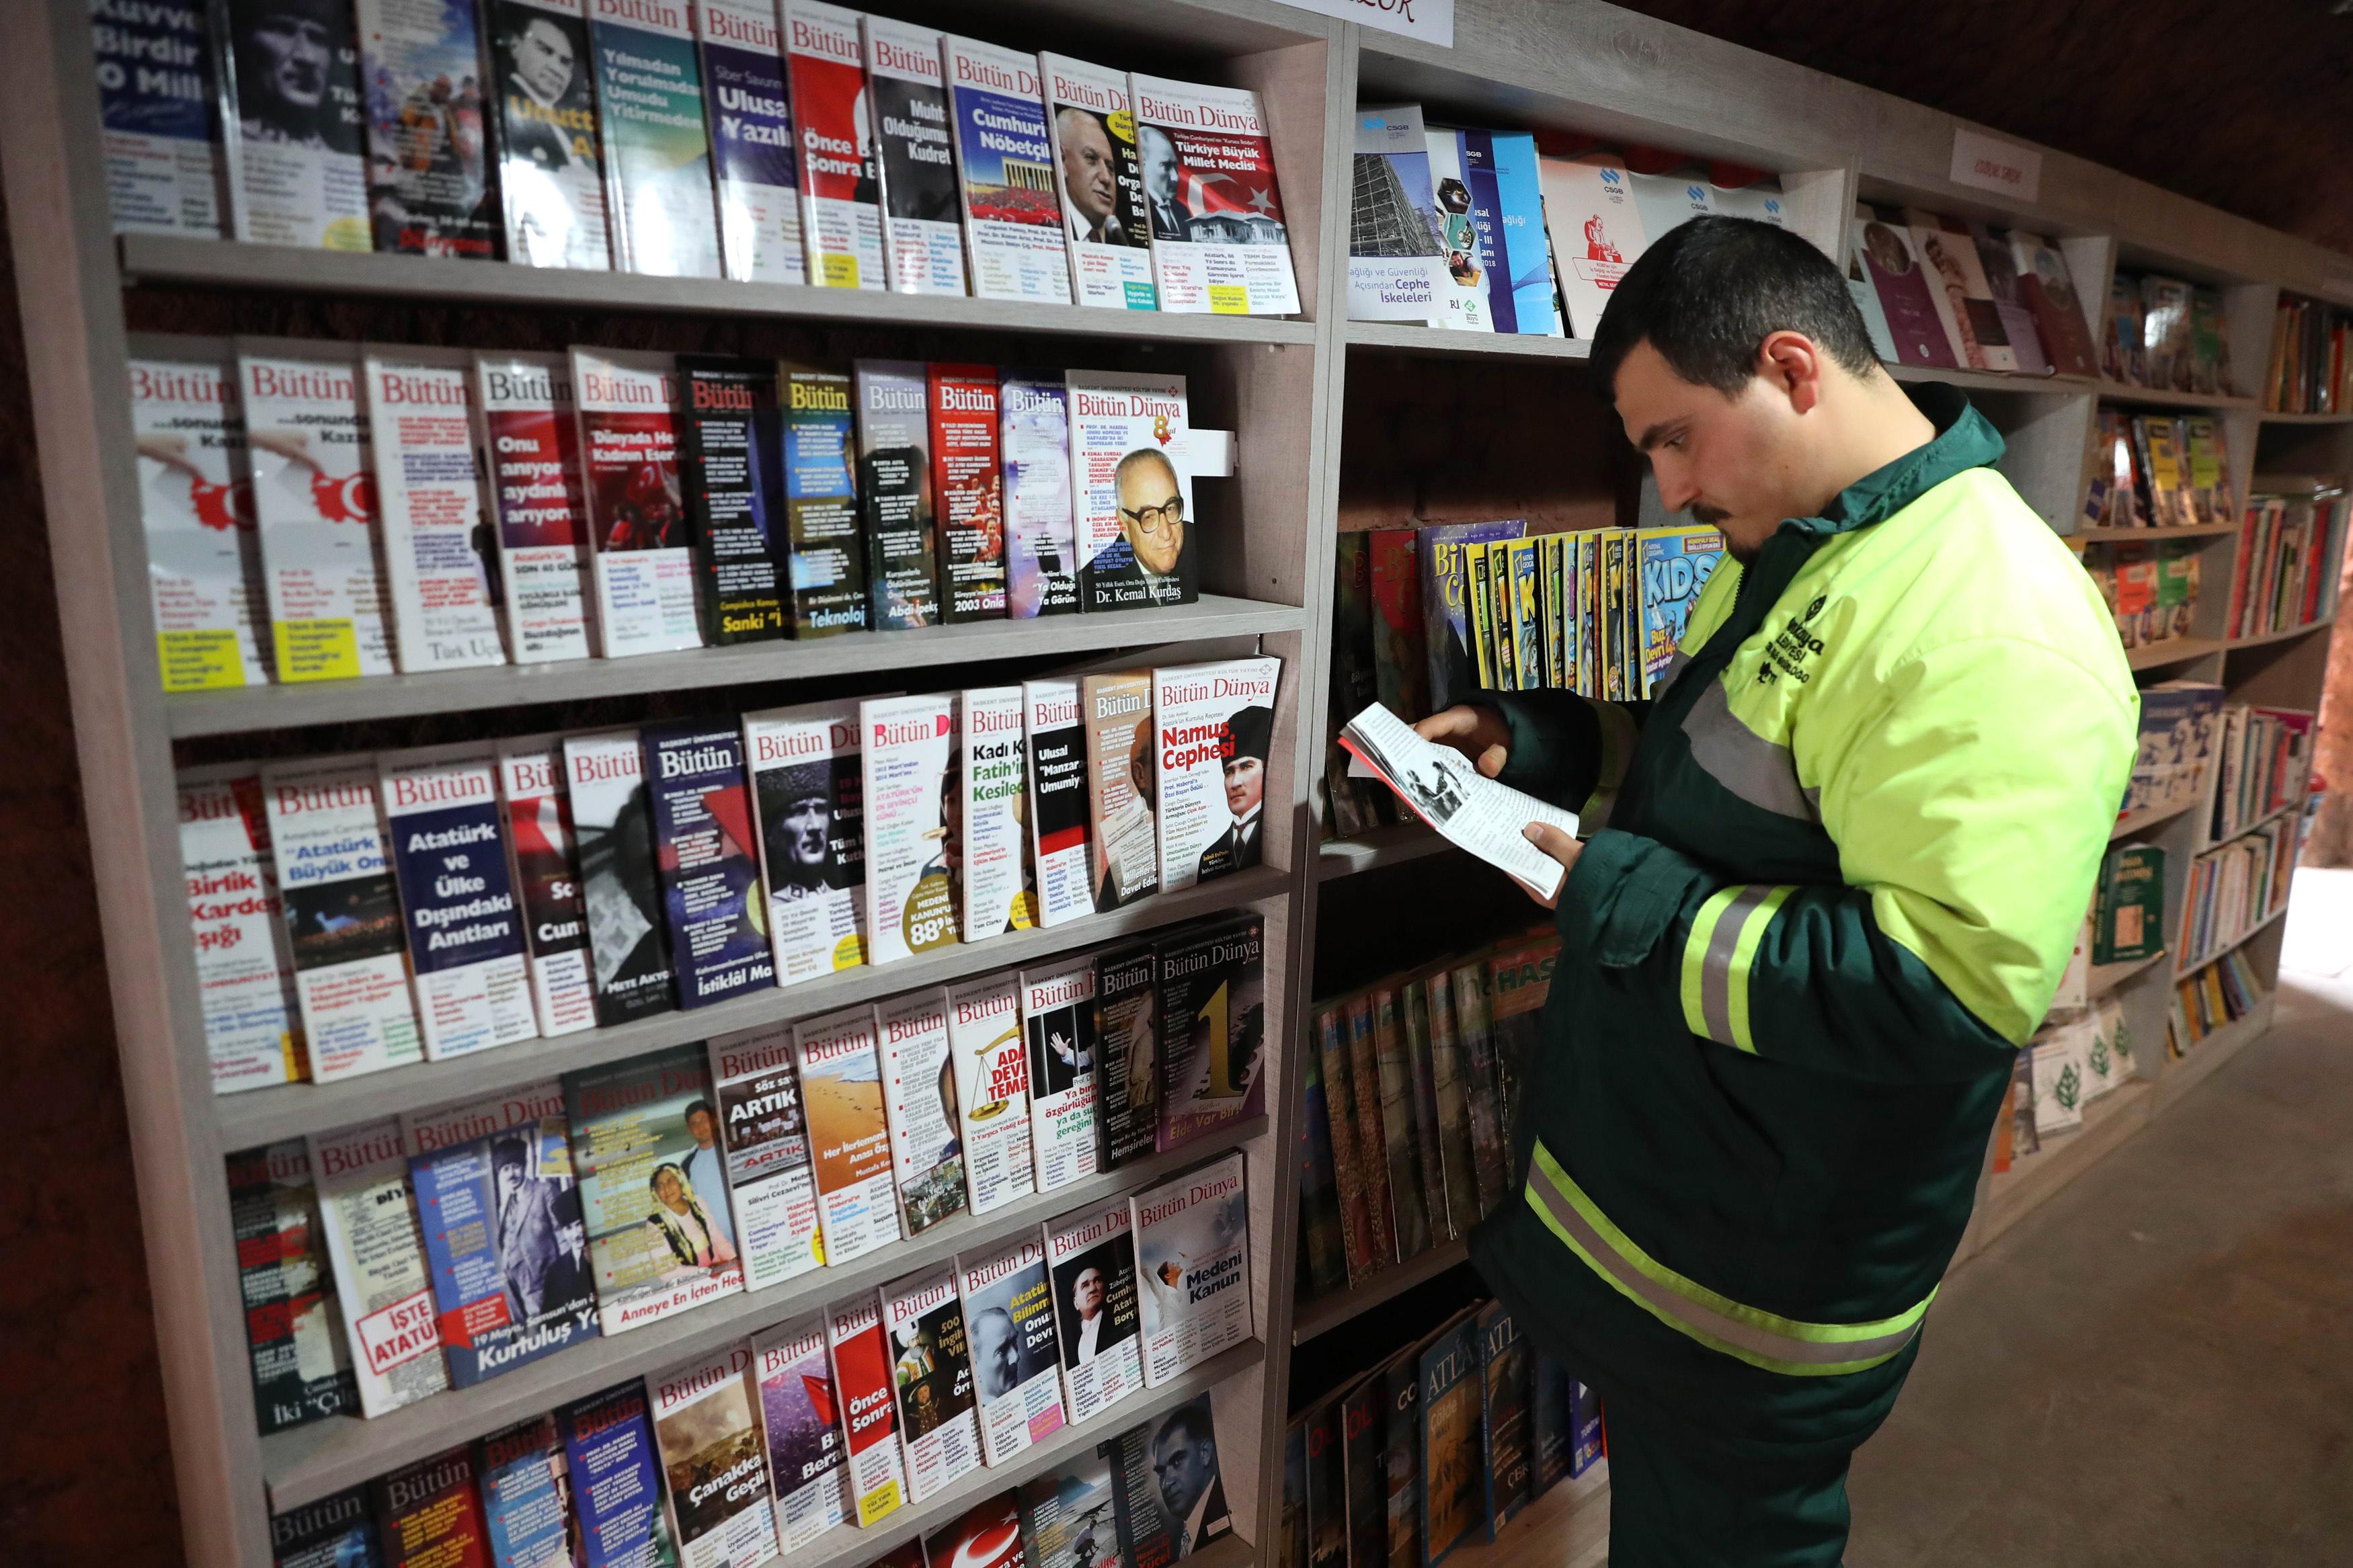 Des éboueurs ouvrent une bibliothèque avec des livres laissés aux ordures — Turquie